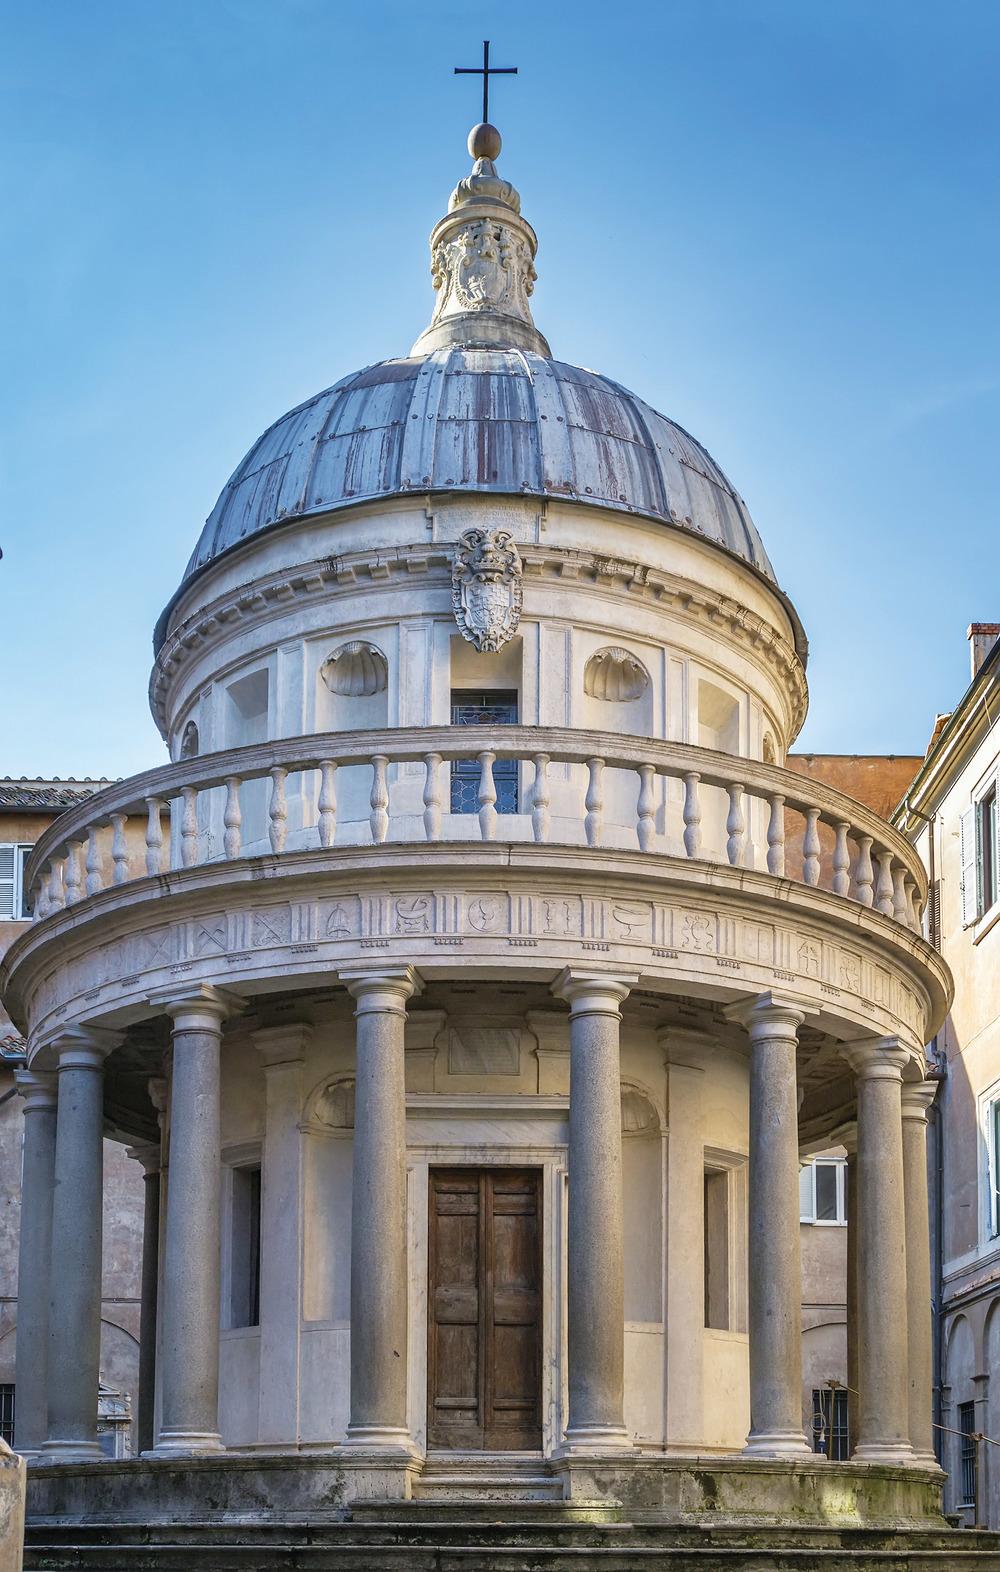 羅馬聖彼得教堂內的坦比哀多禮拜堂,文藝復興時期紀念性建築的代表作,有著完美和諧的比例。(Borisb17 / Shutterstock.com)